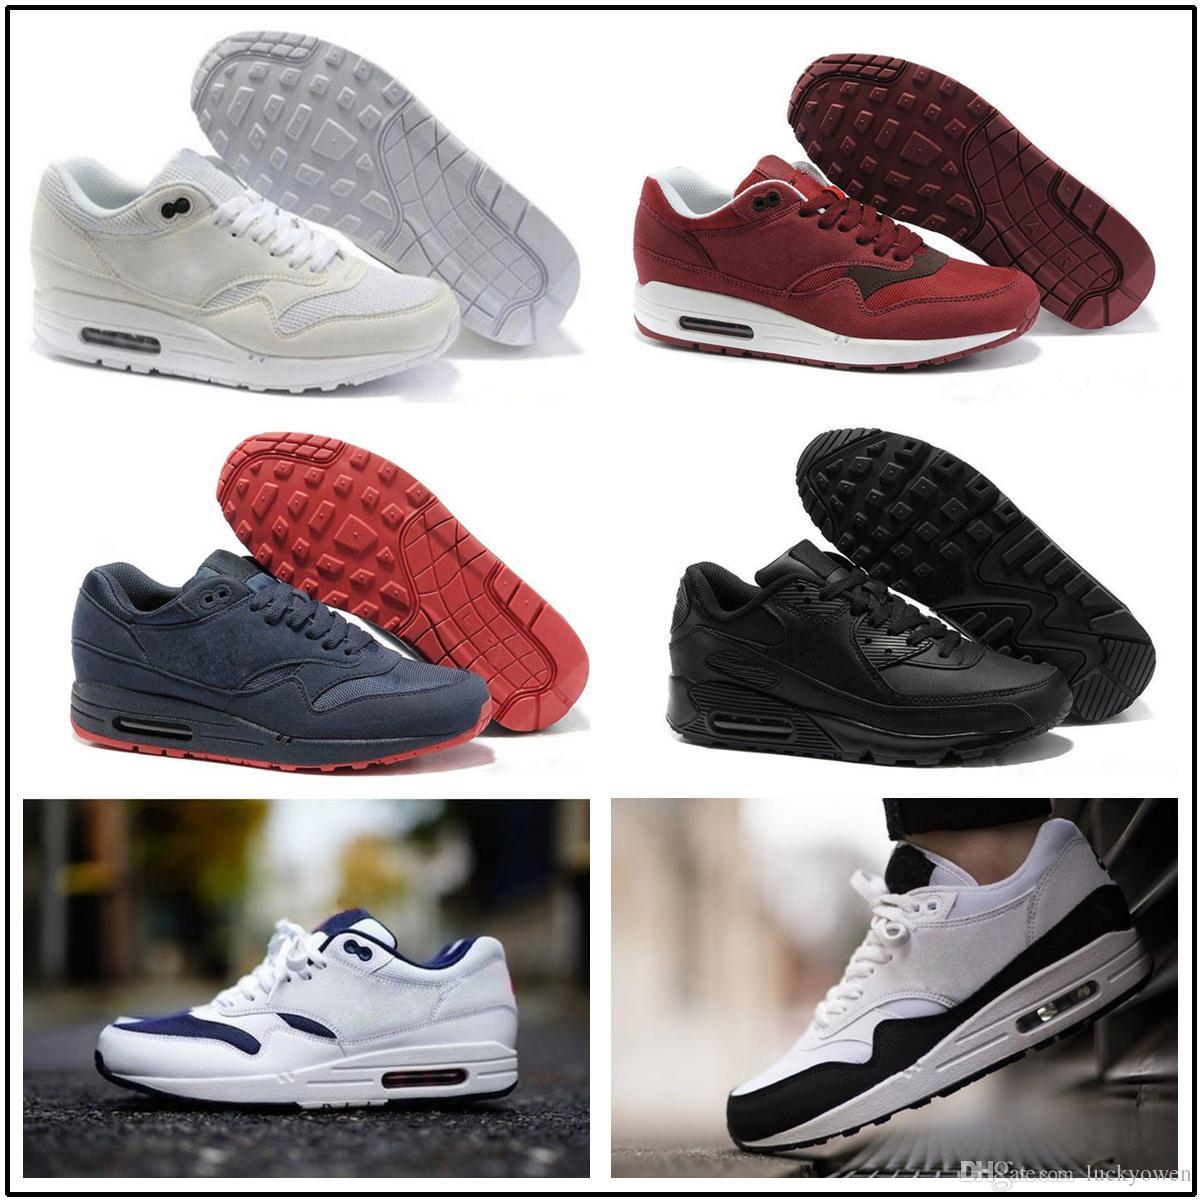 buy online d9e01 c3bd7 Acheter Nike Air Max Airmax 87 90 Nouveau Arrivel Famous 87 90 Ultra 1  Éléphant Noir Rouge Clair Jade Blanc Hommes Chaussures De Course Baskets  Taille 40 45 ...